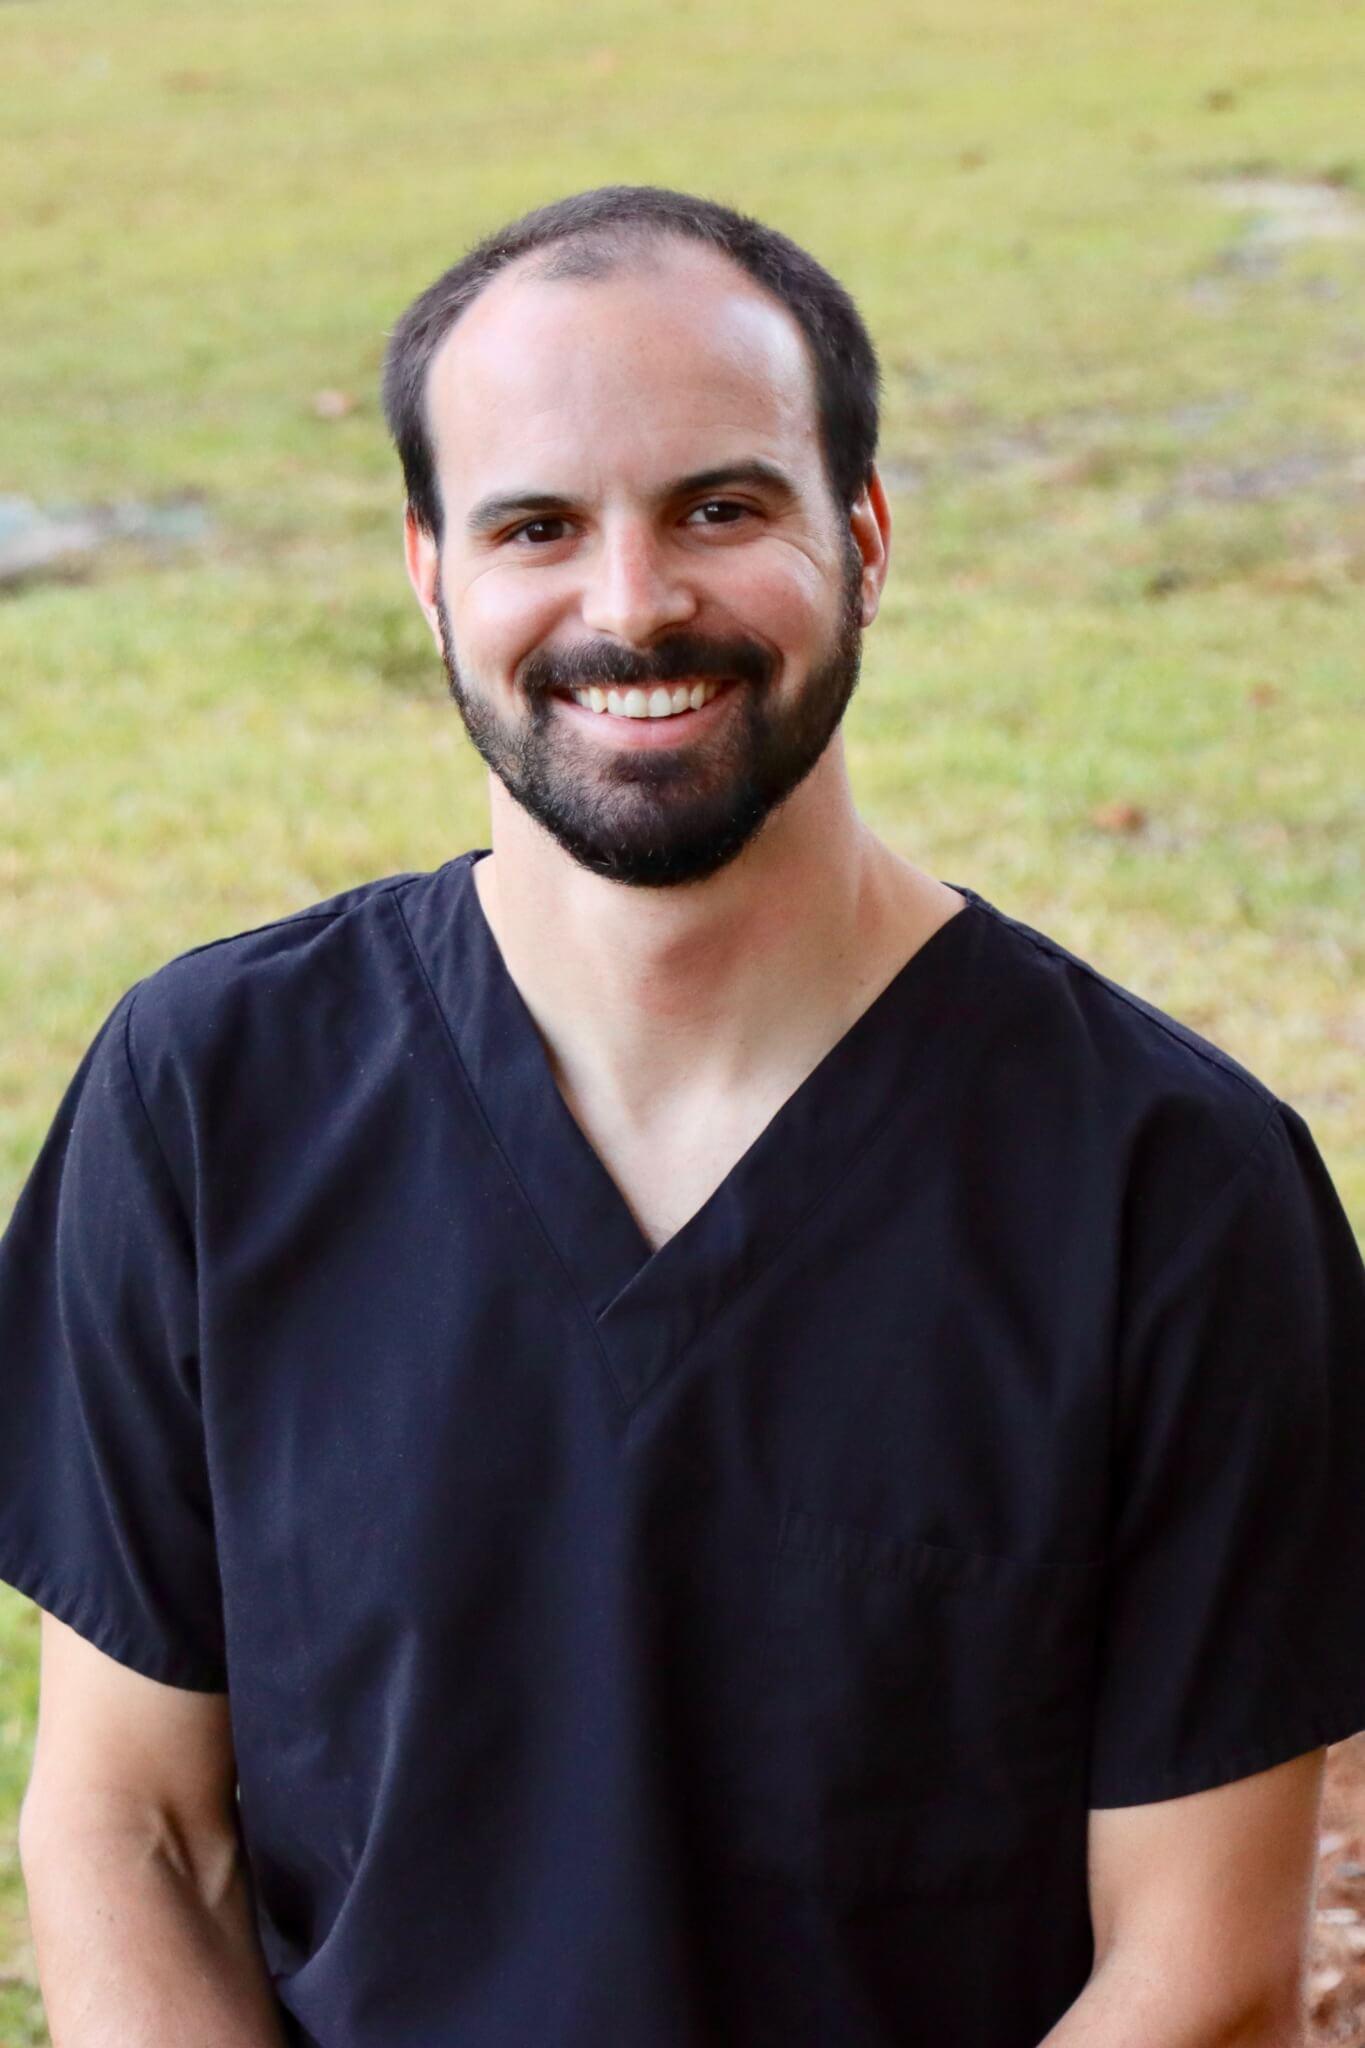 Dr William 2,summerville dentist, pineland family dental, pineland dental, dentist office, family dentist, general dentist, cosmetic dentist